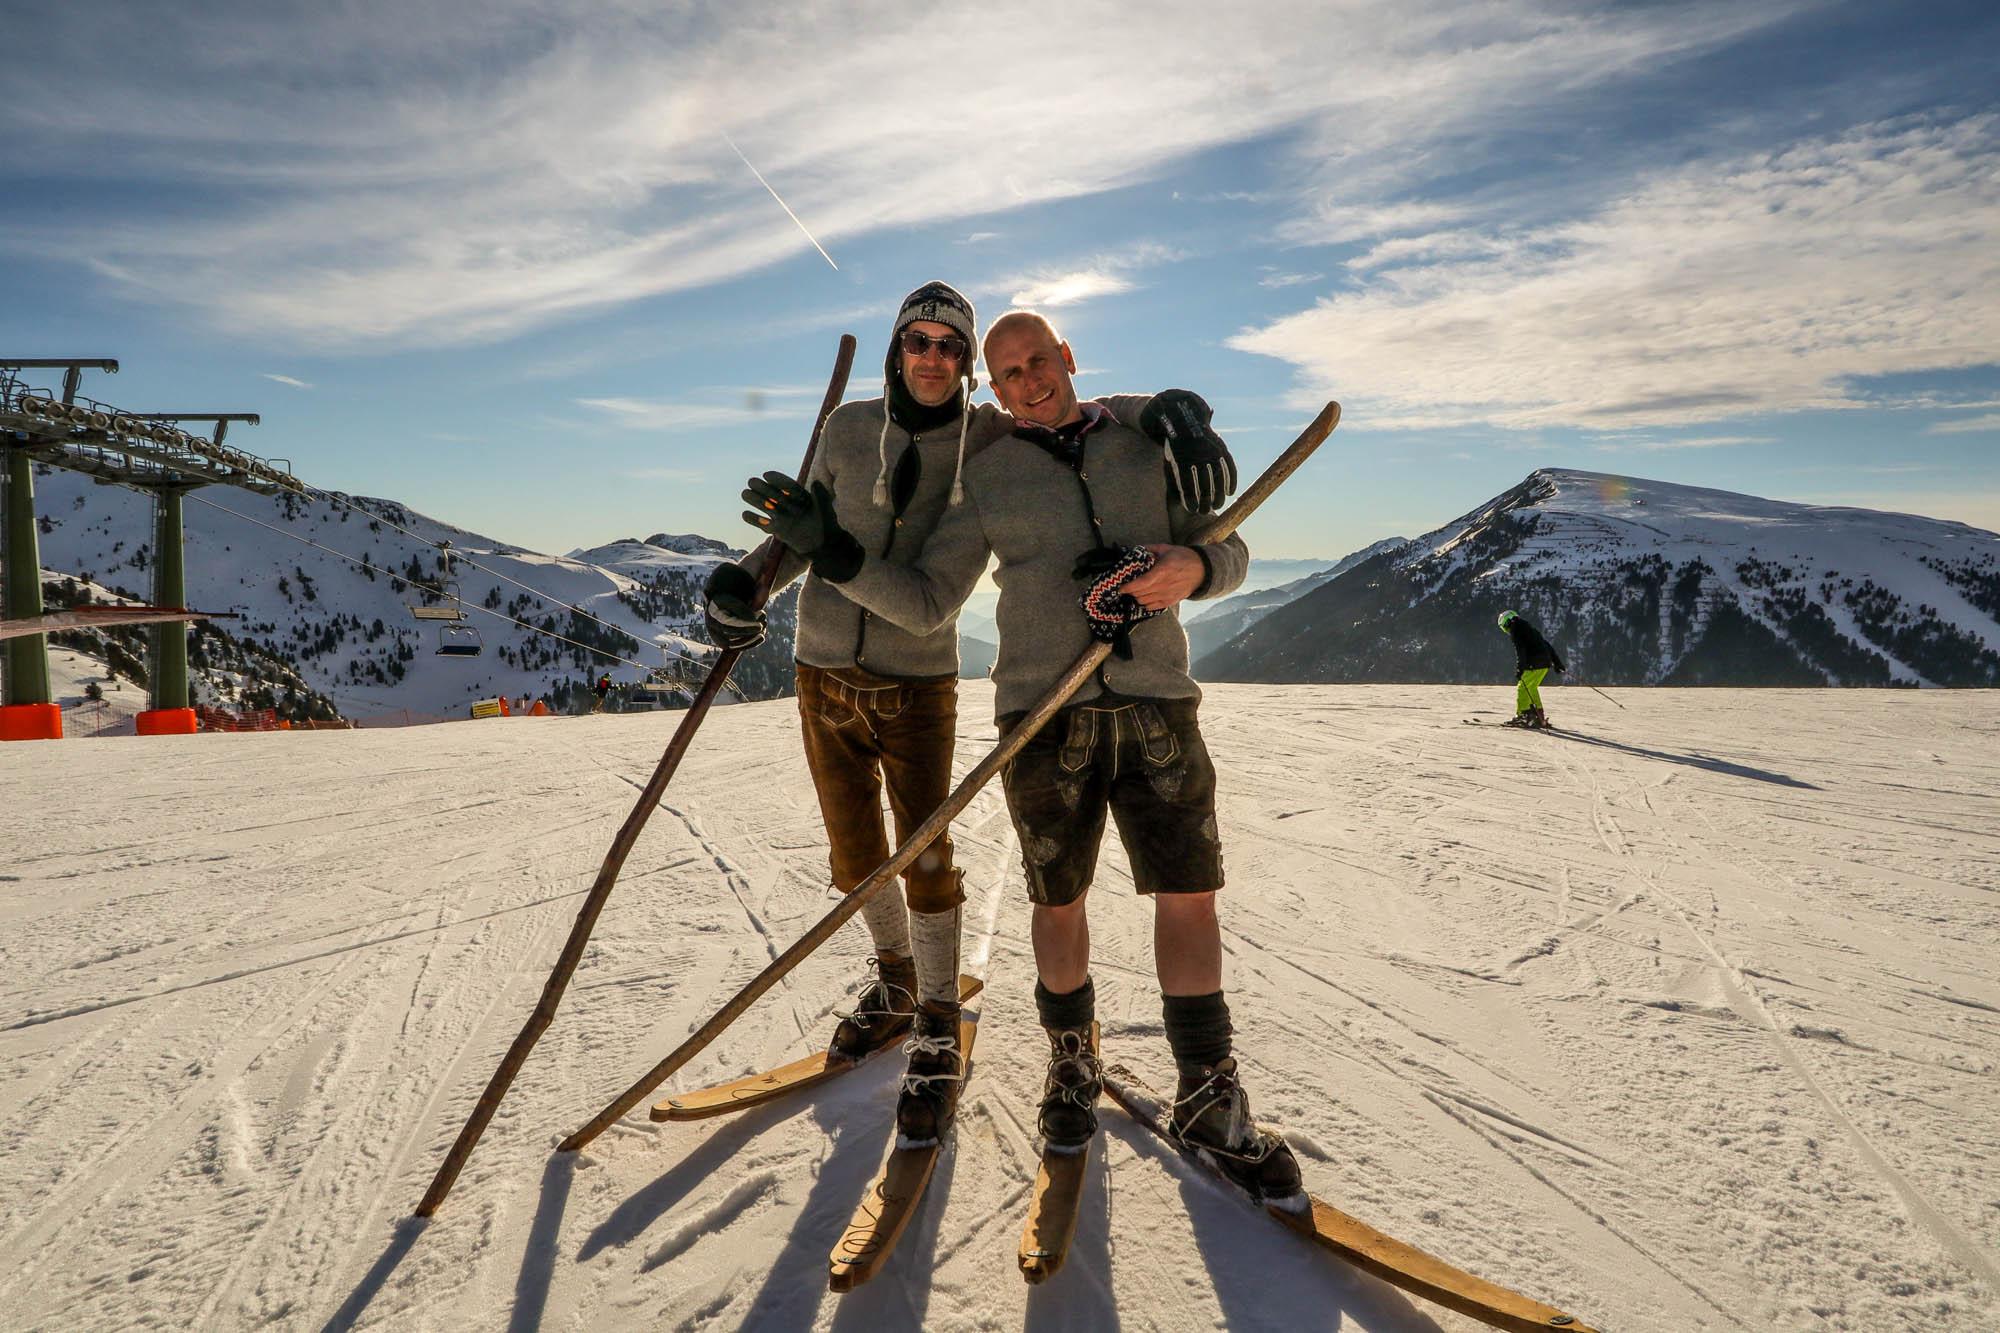 Zwei Männer in Tracht stehen vor dem Panorama in Obereggen auf historischen Ski